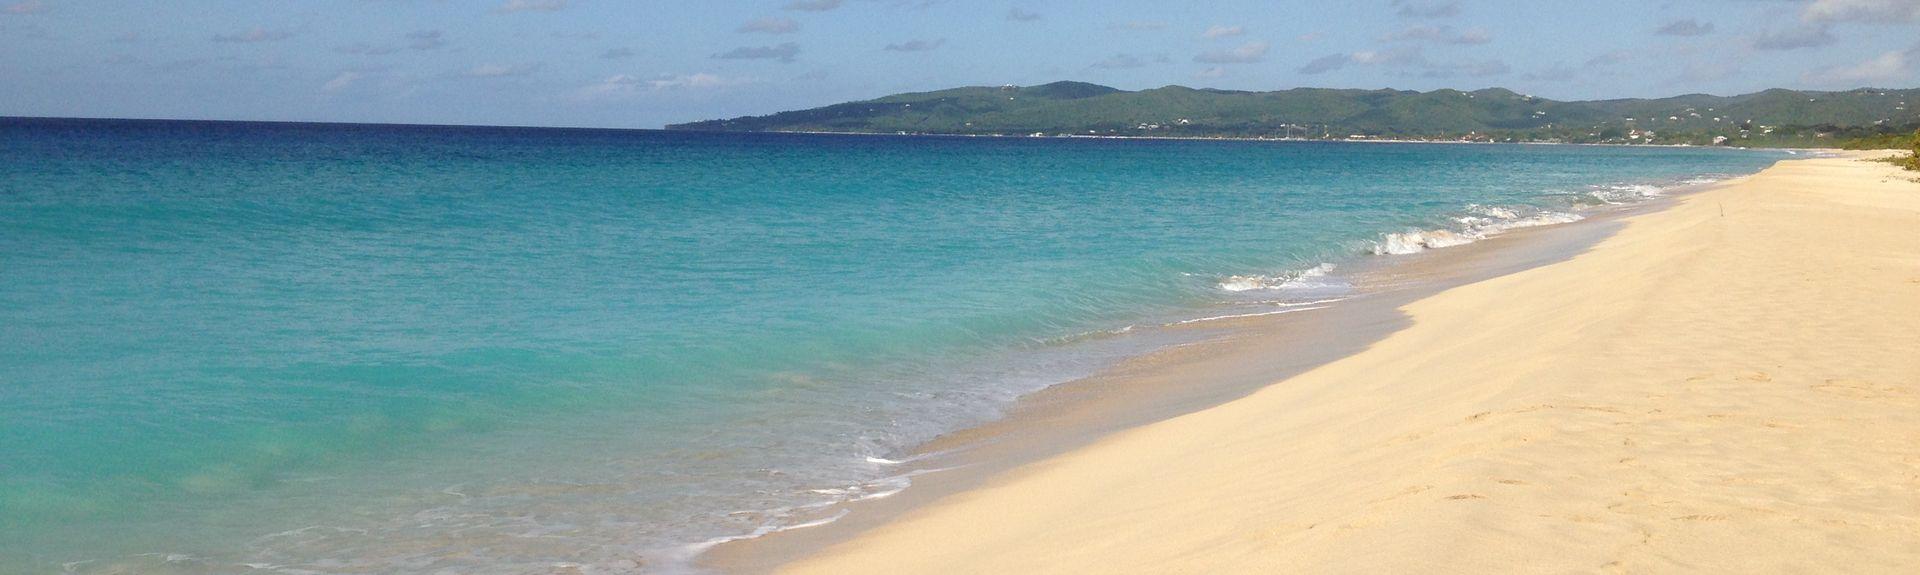 Teagues Bay, Estate Teague Bay, Ilha de Saint Croix, Ilhas Virgens E.U.A.